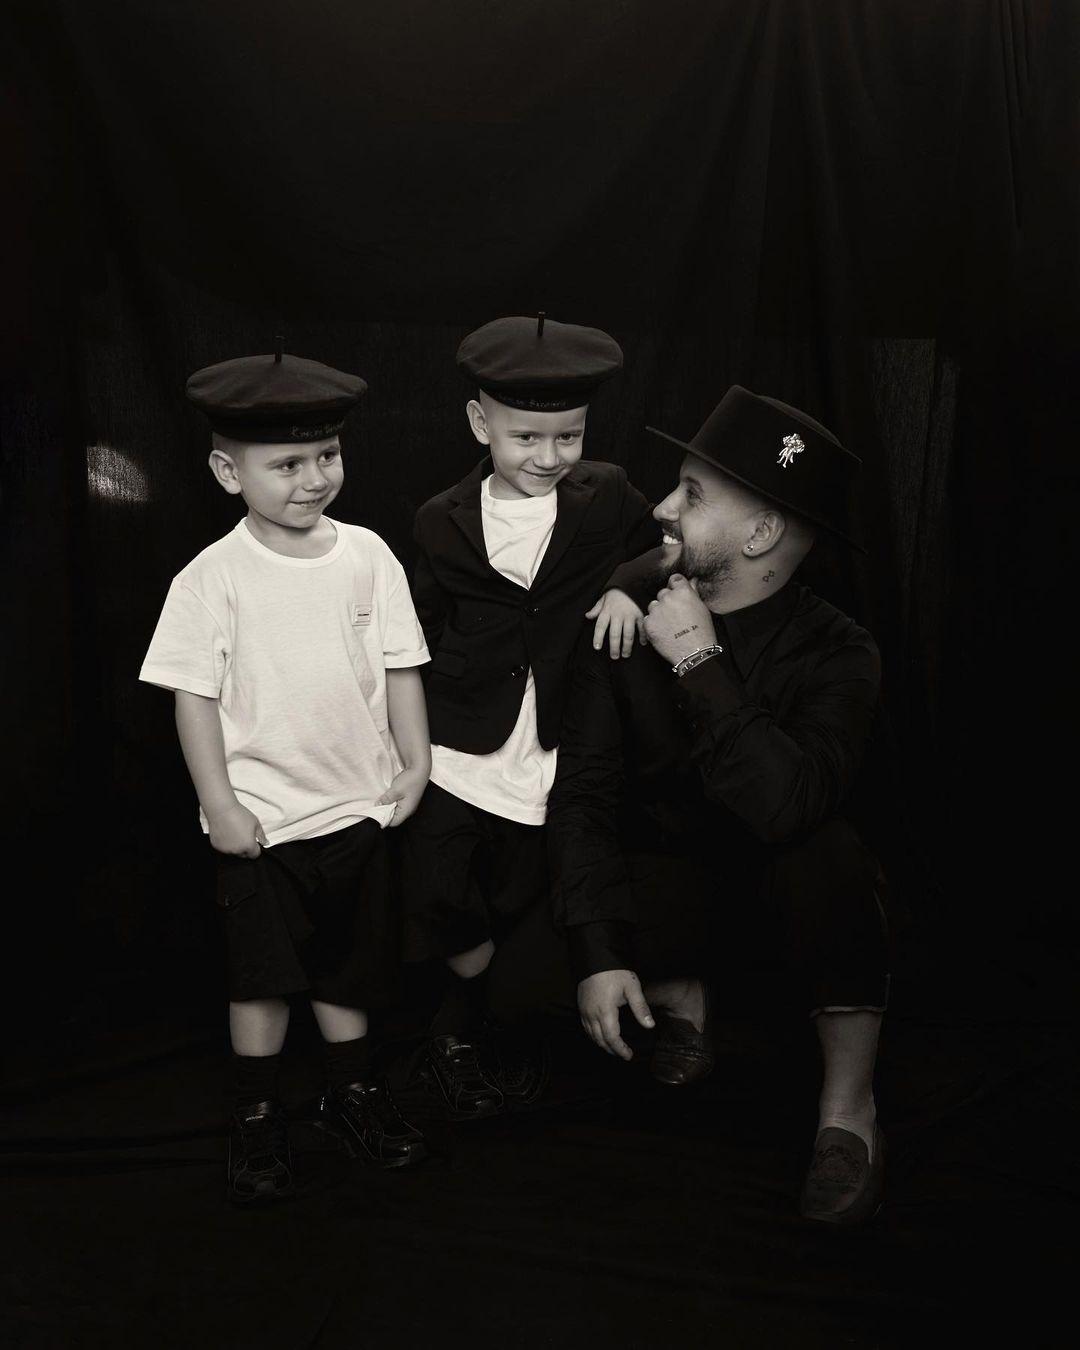 MONATIK растрогал поклонников новыми фото с женой и сыновьями - фото №1